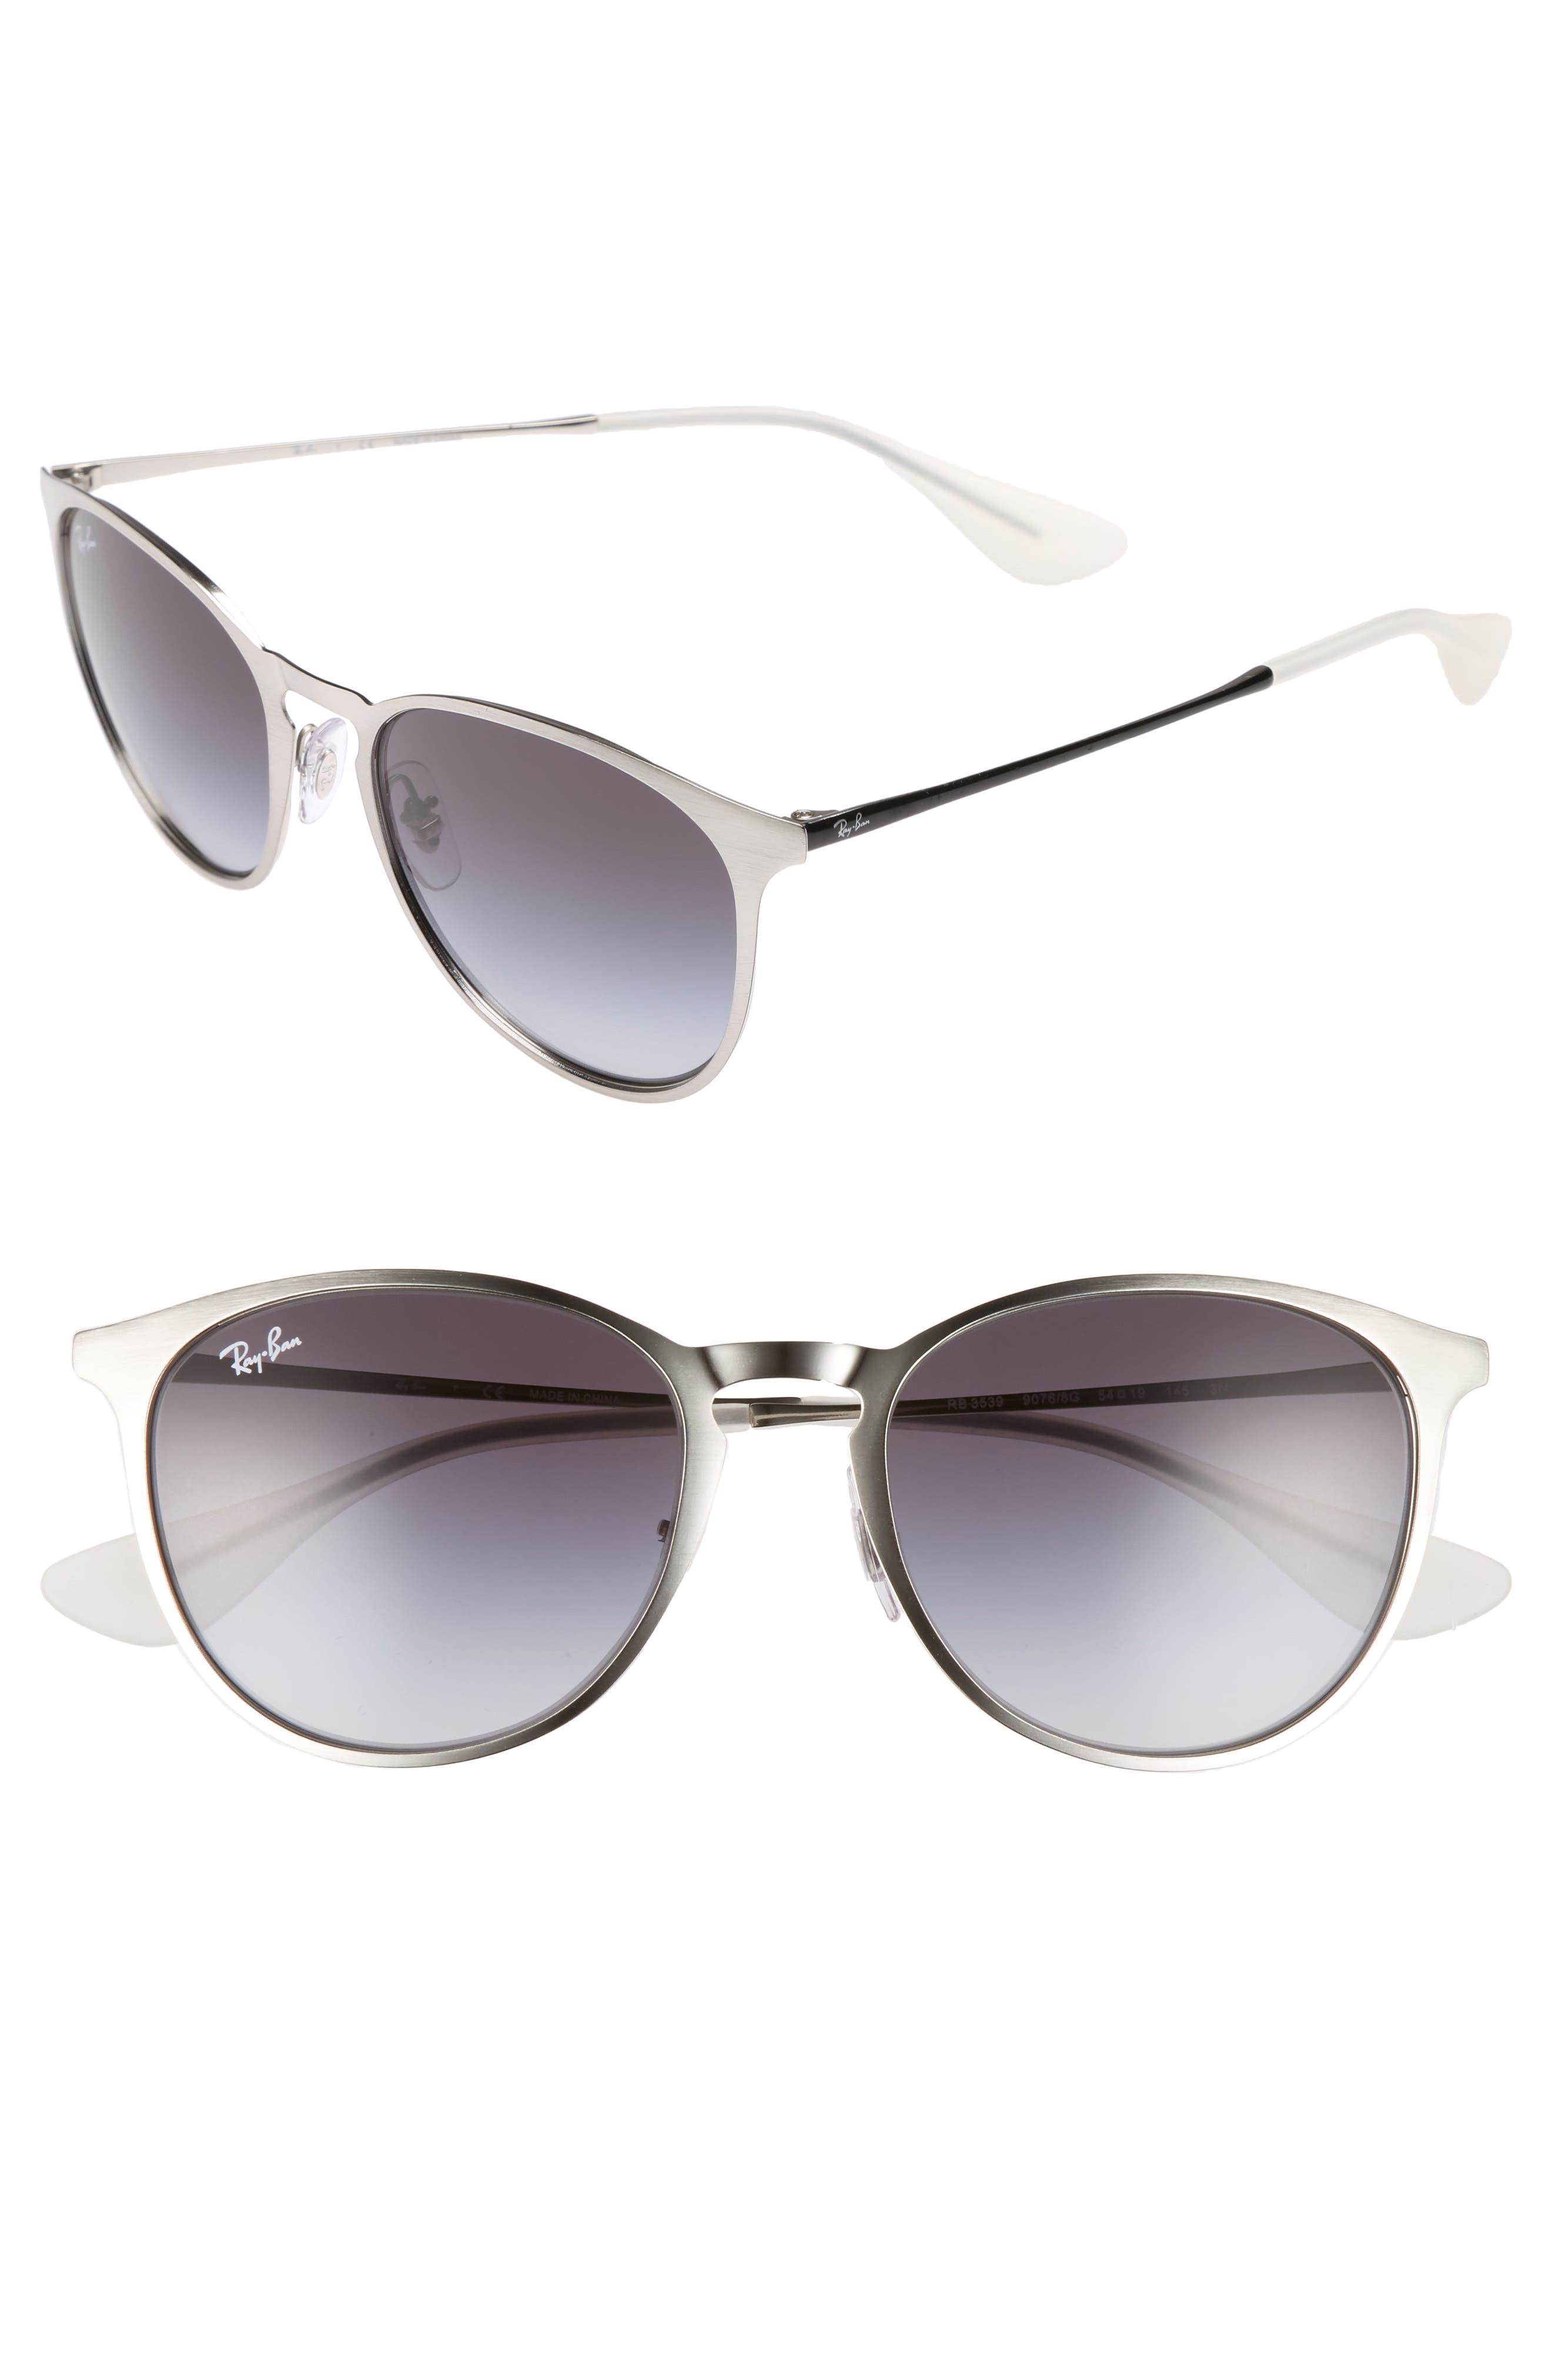 Erika 54mm Metal Sunglasses,                         Main,                         color, LITE SILVER